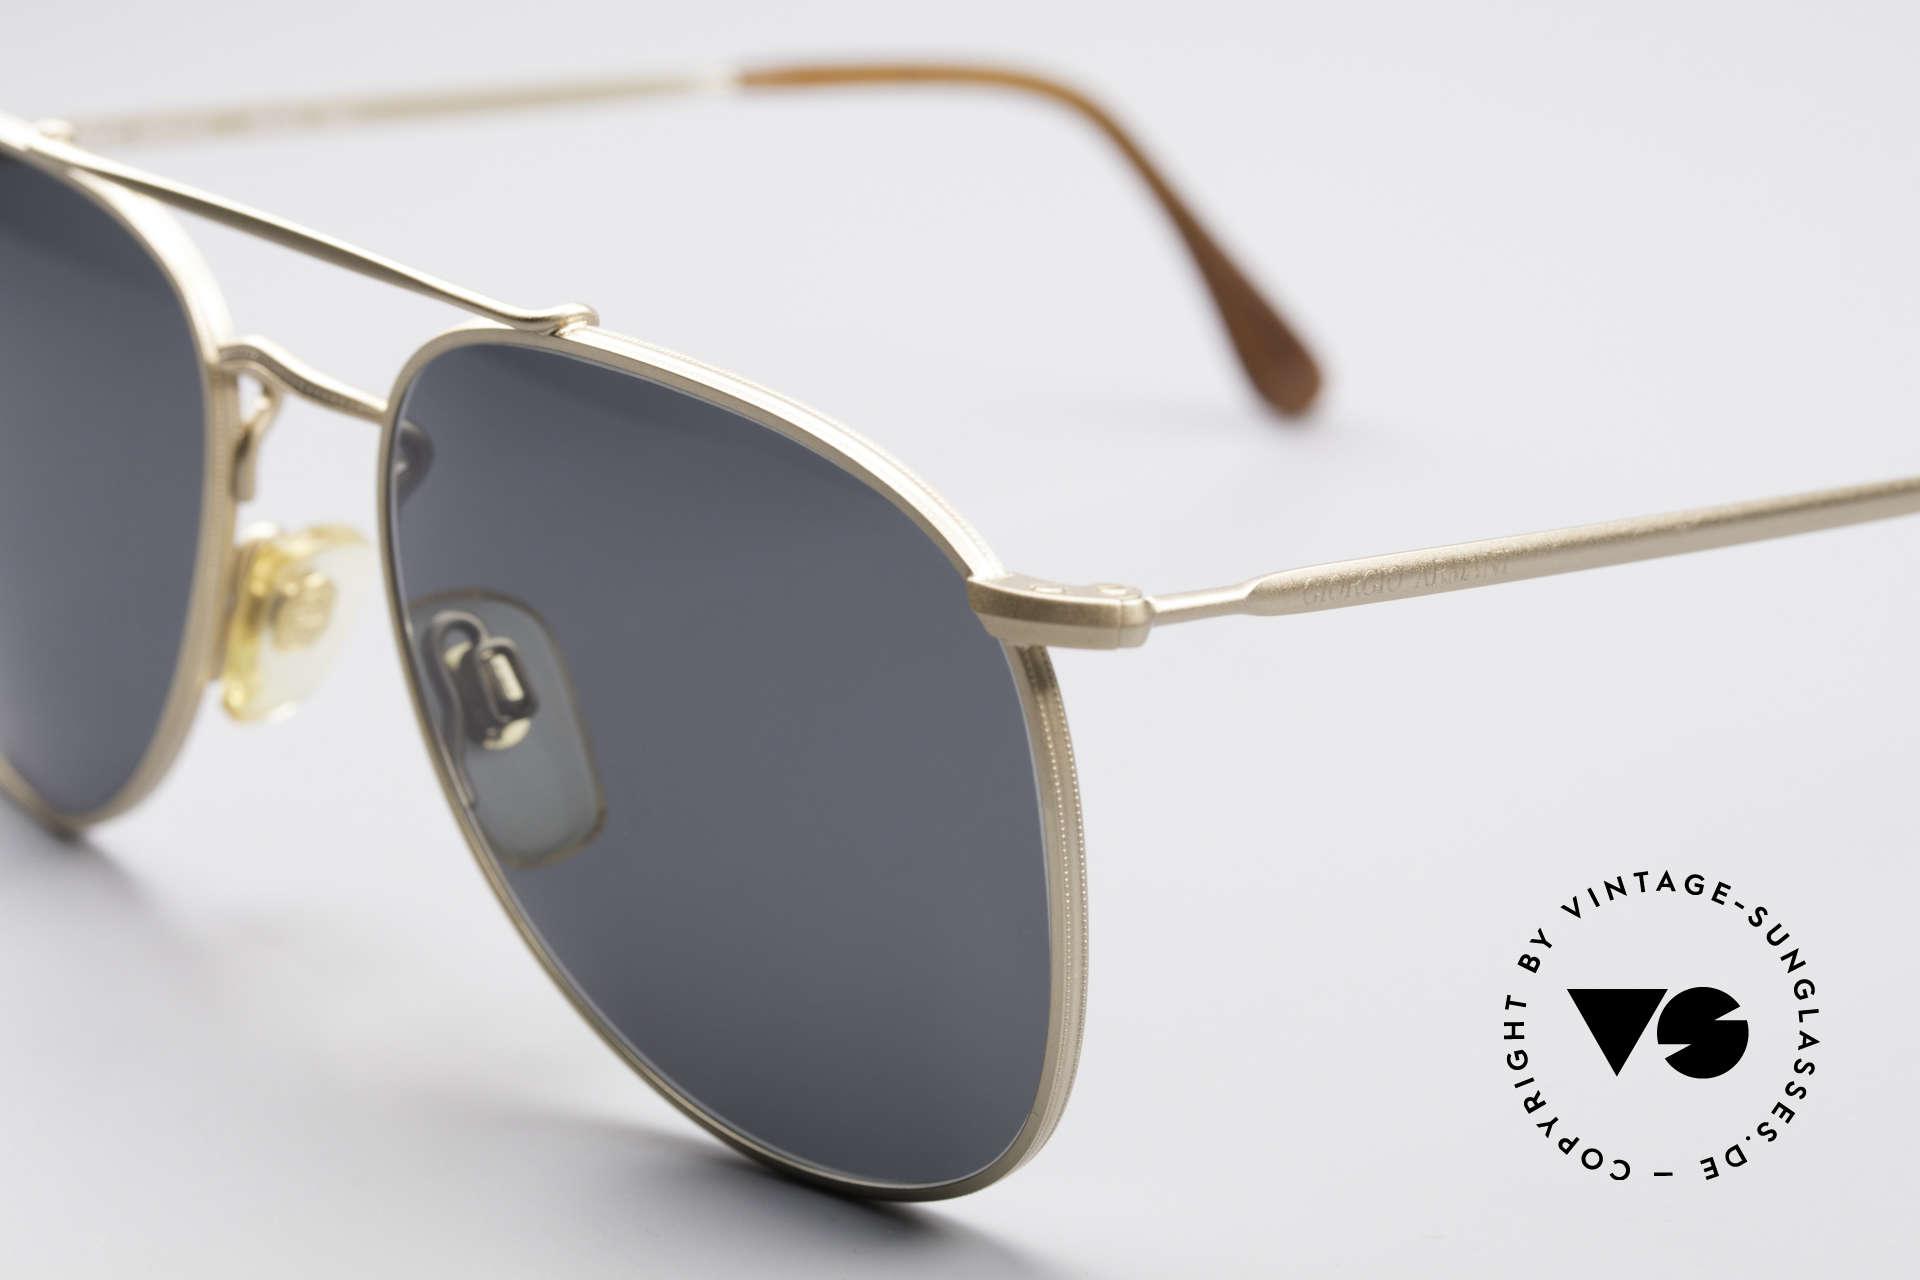 Giorgio Armani 149 Designer PilotenSonnenbrille, 122mm Breite = SMALL (auch für Damen passend), Passend für Herren und Damen